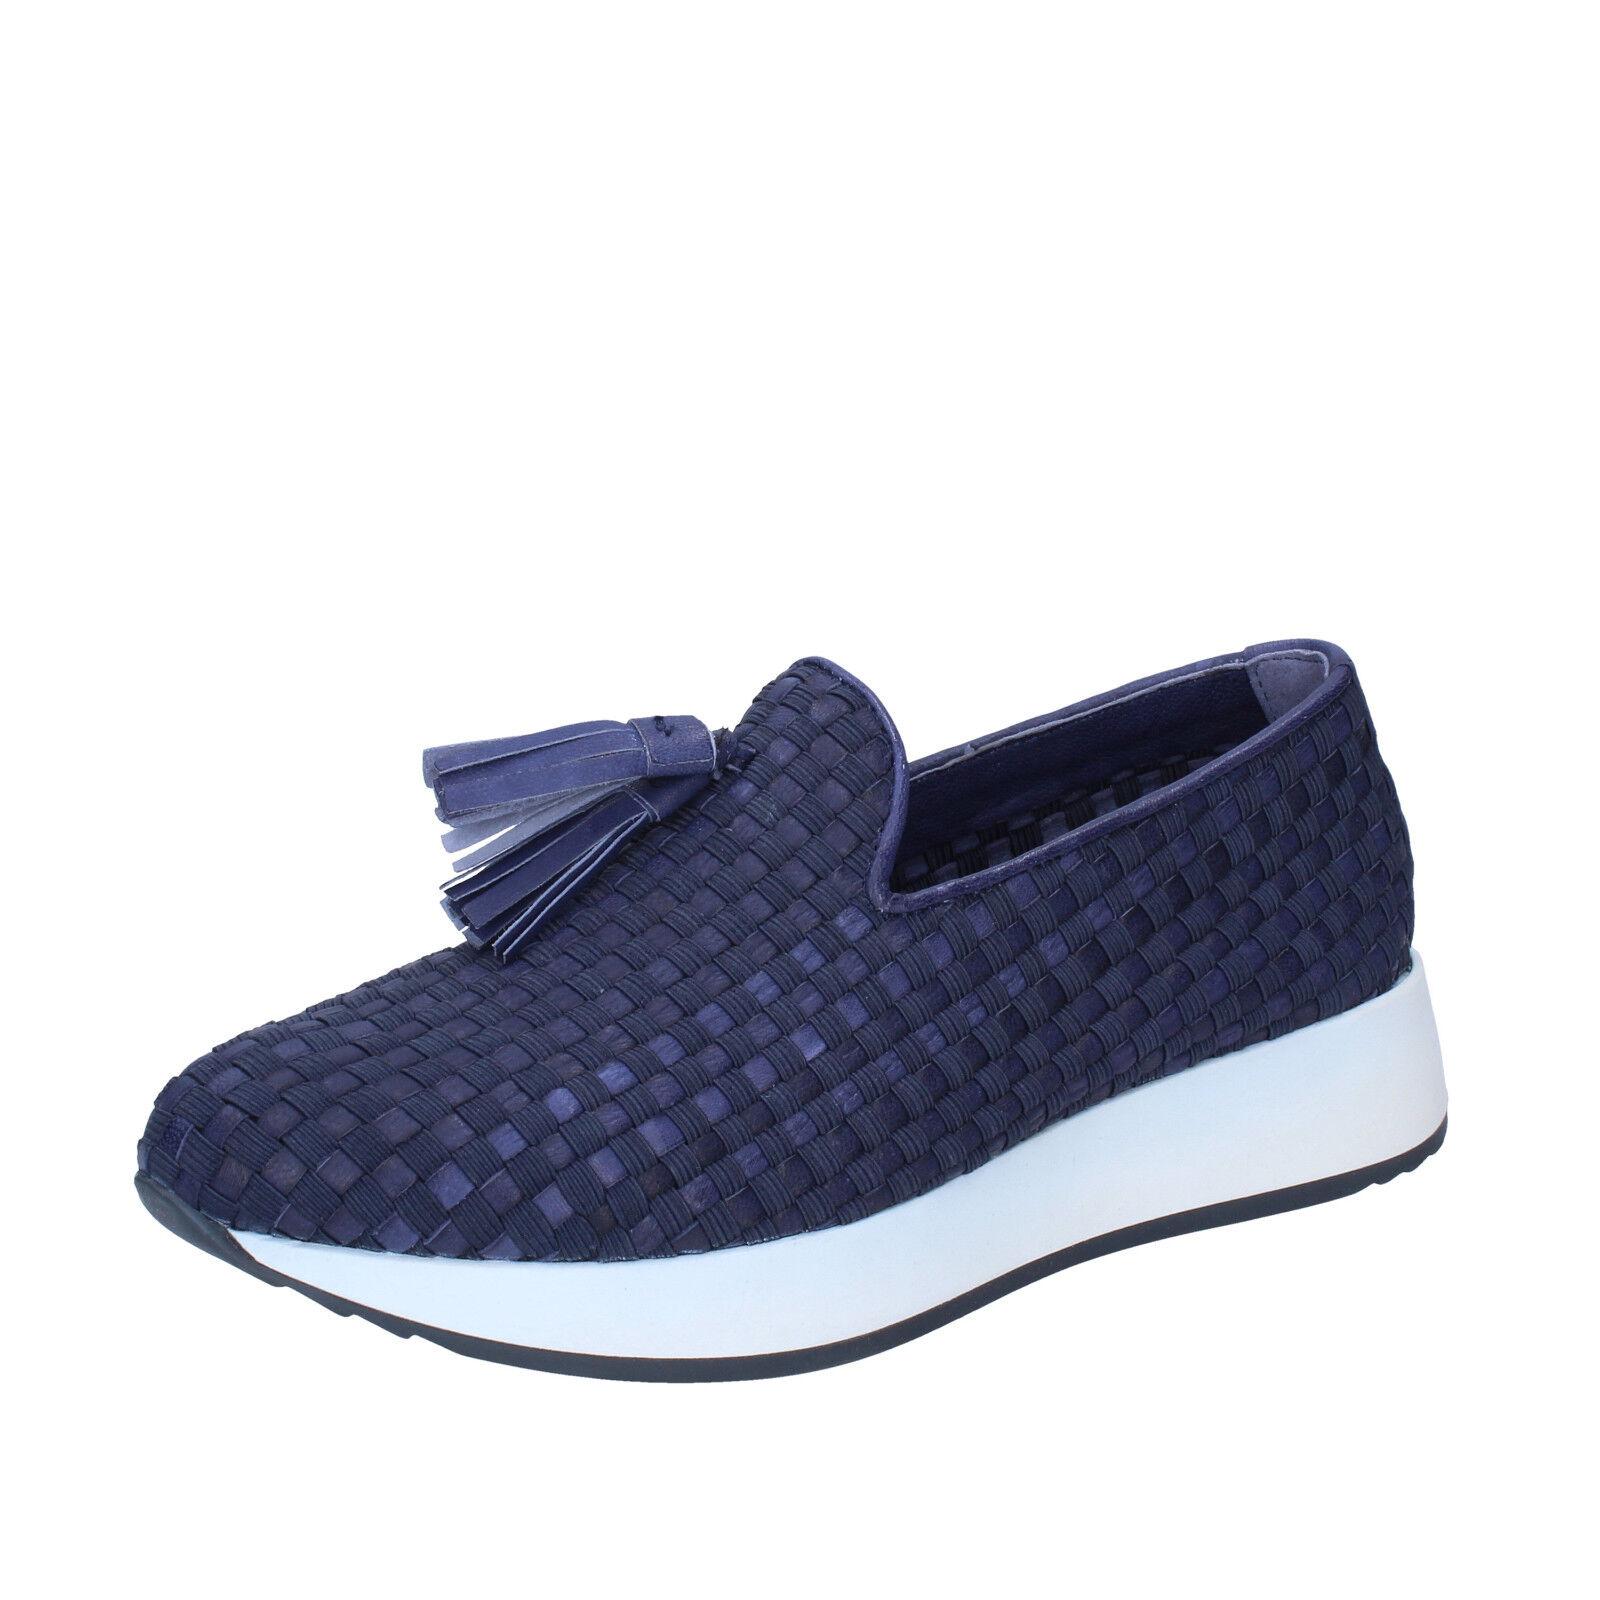 Zapatos señora emanuelle Vee 39 UE slip on azul textil, textil, textil, cuero bs22-39  colores increíbles